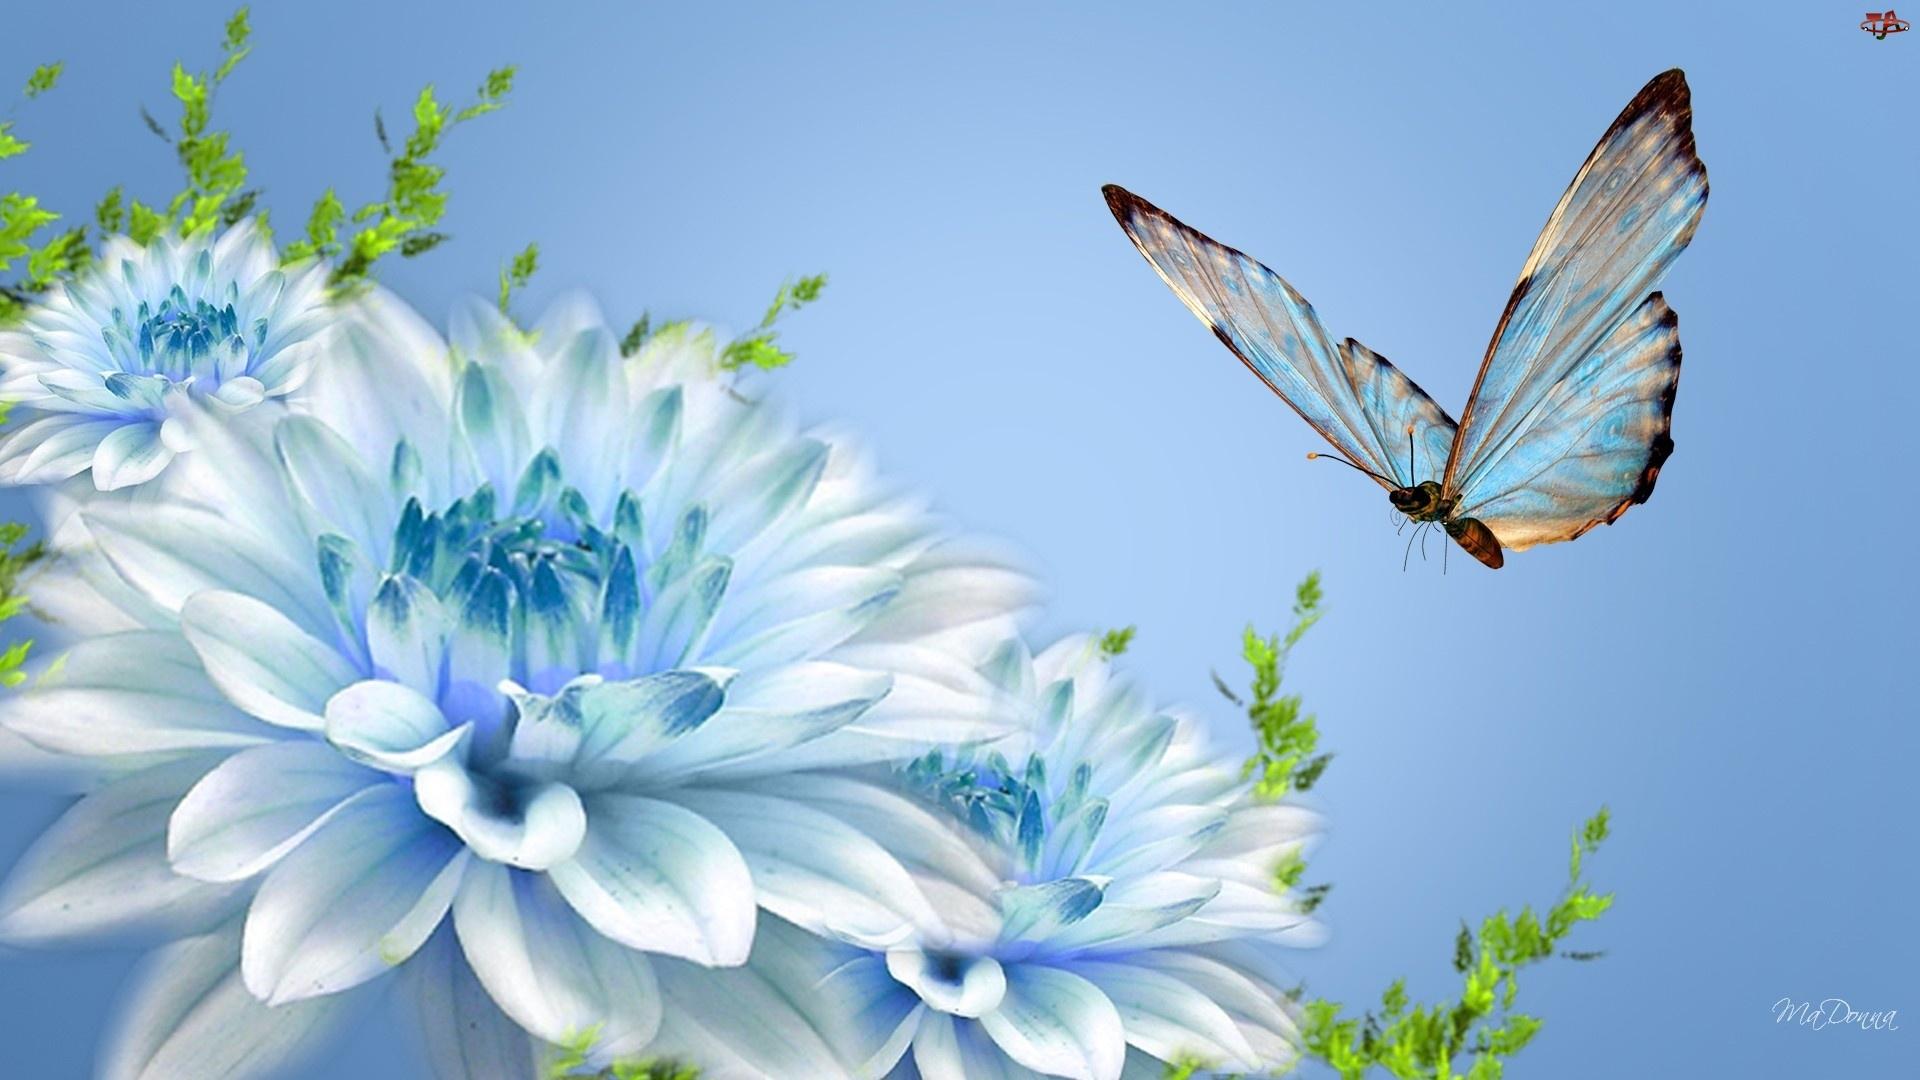 Motyl, Kwiaty, Niebieski